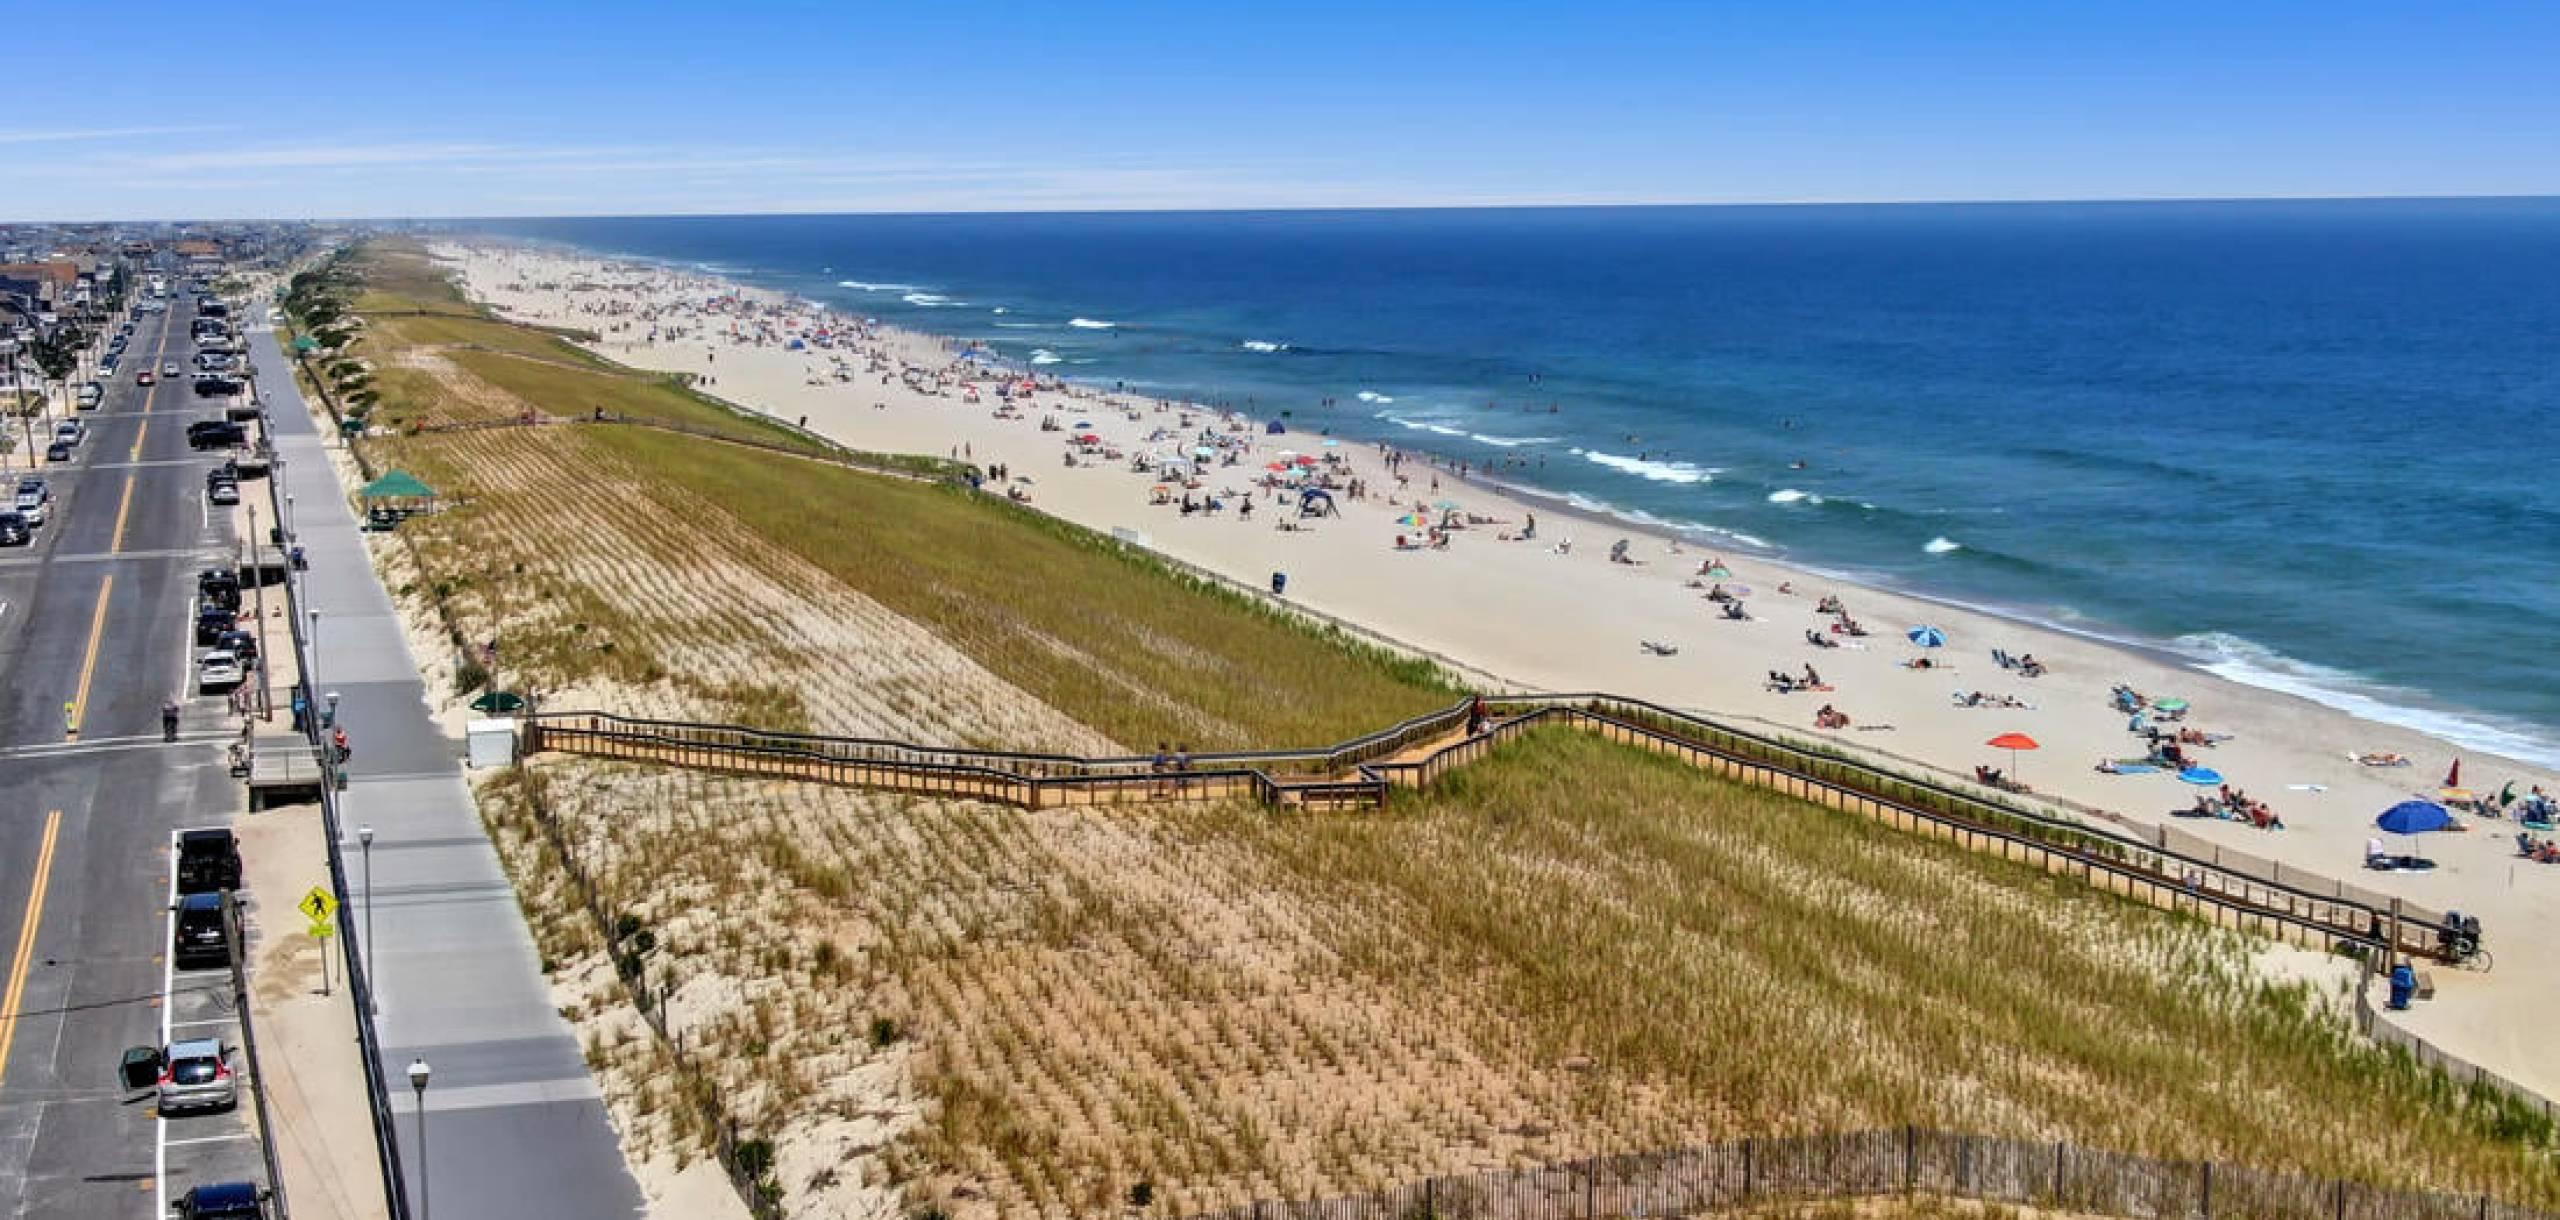 Seaside New Jersey Shoreline